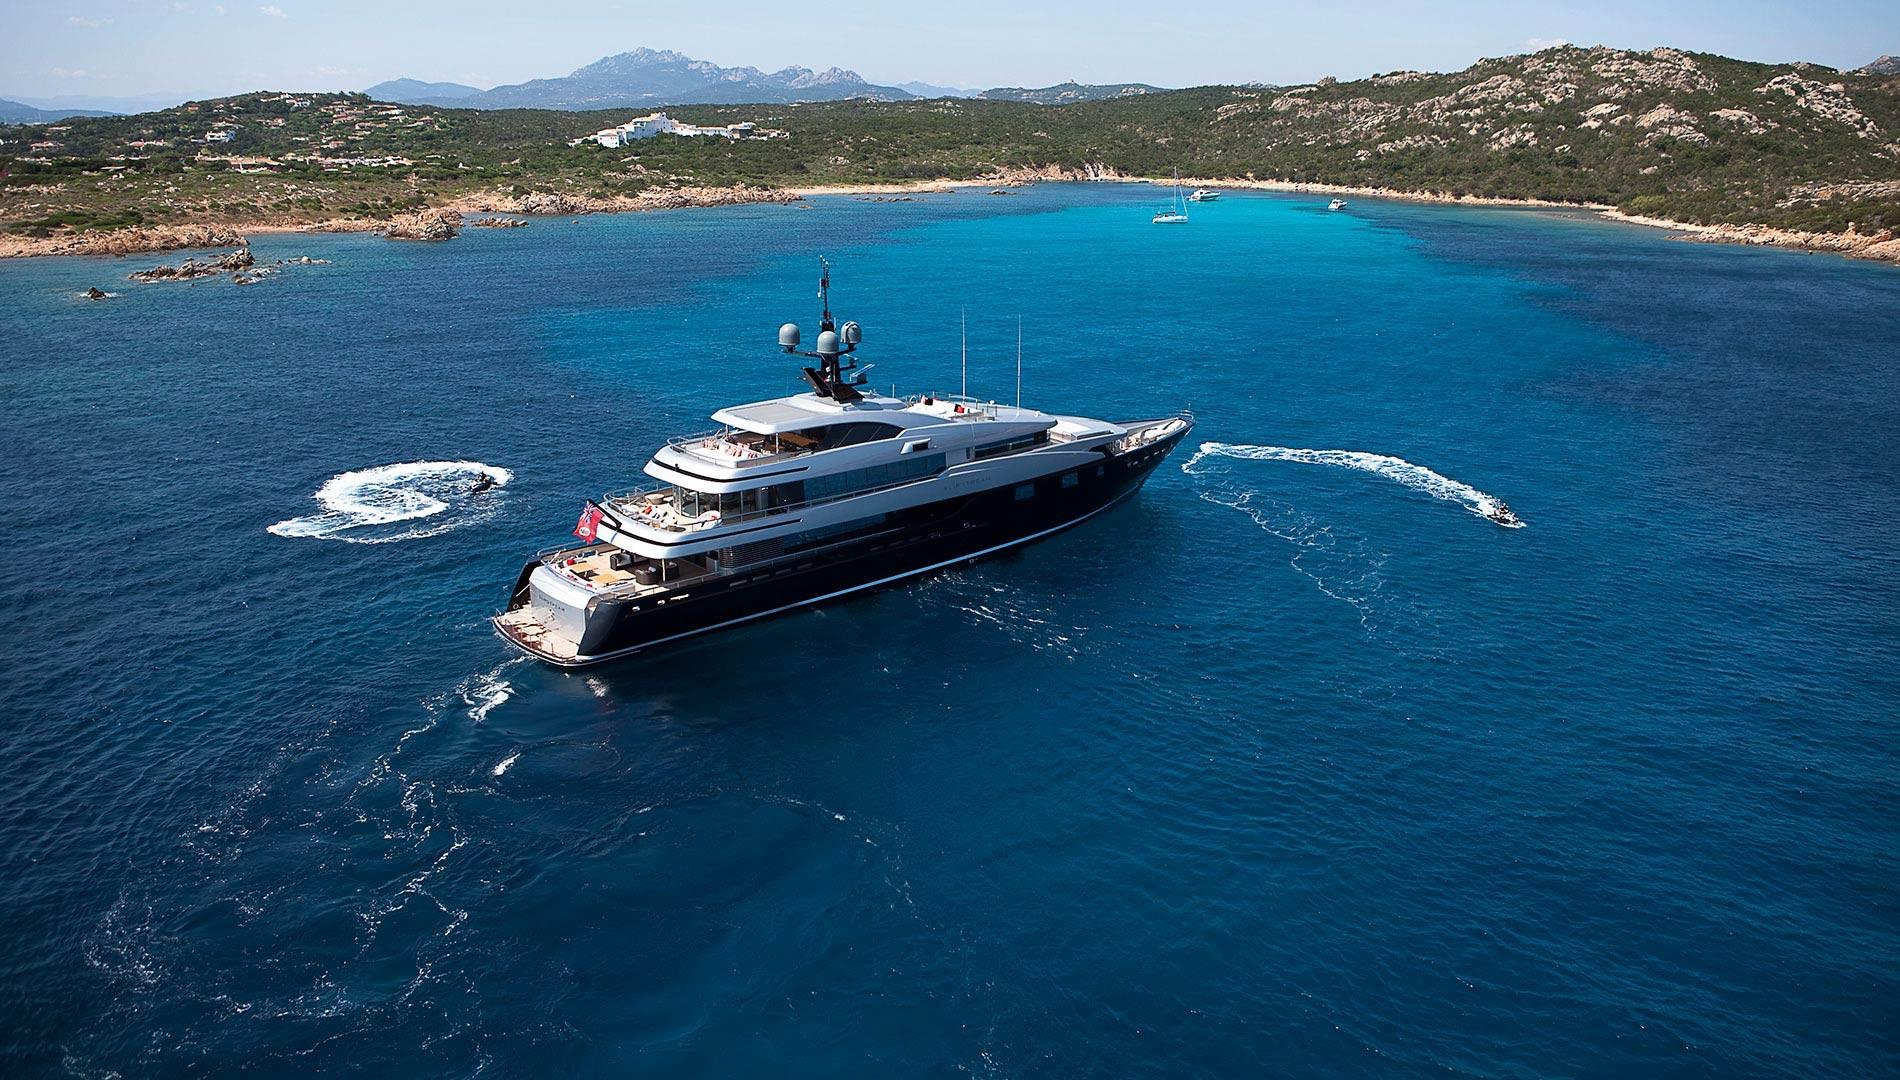 Alquiler de barco y yates Yates CMN en Ibiza